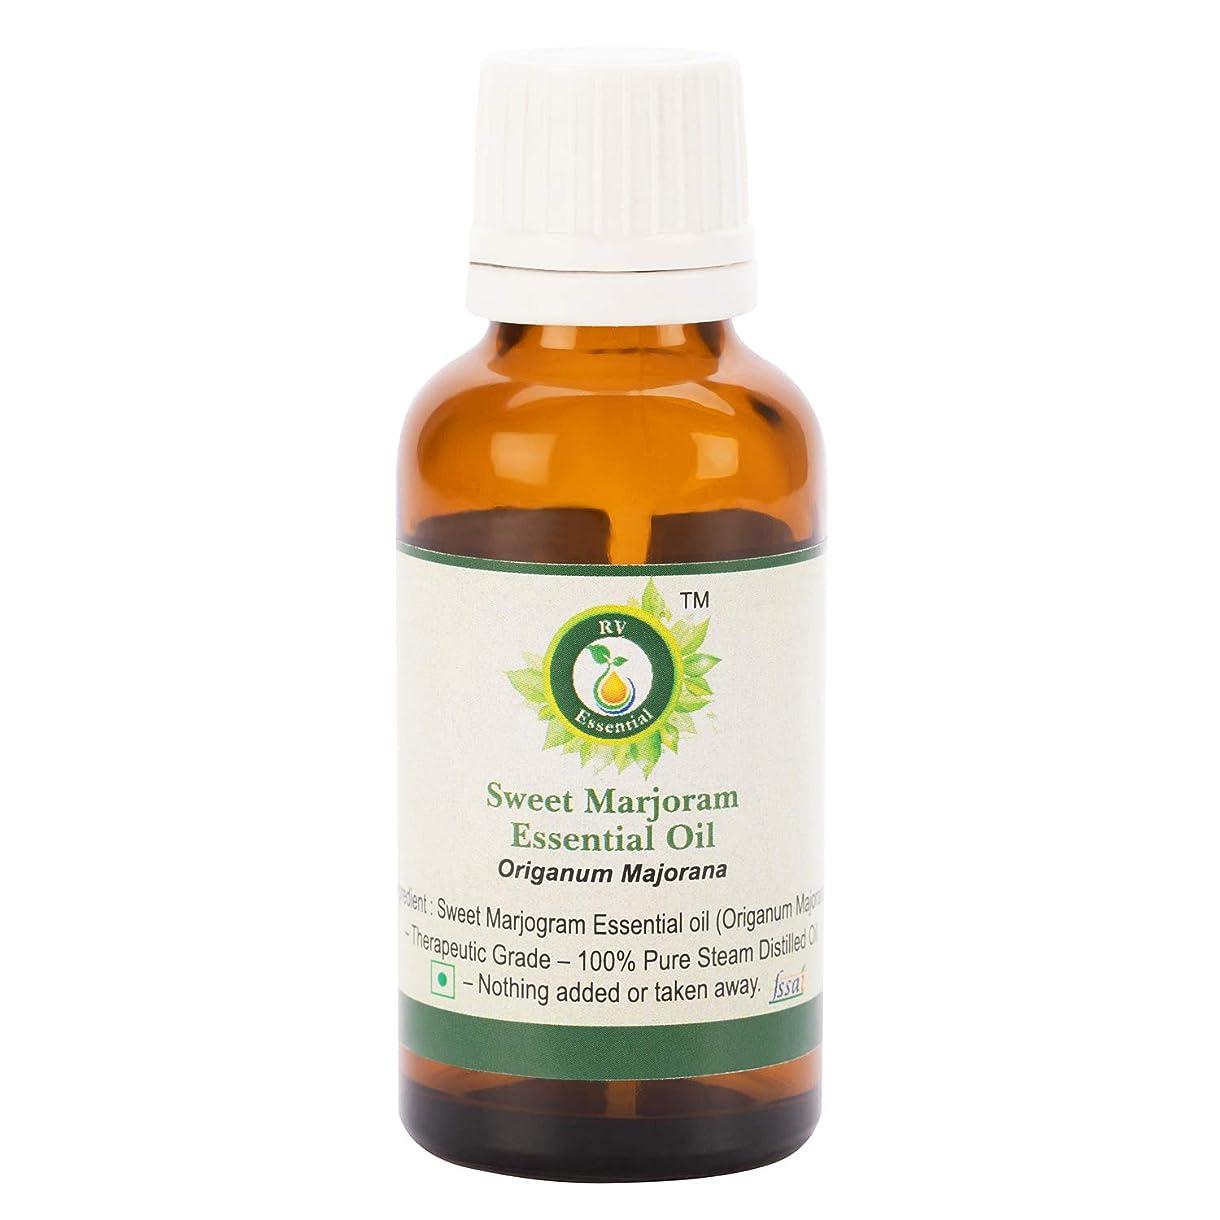 車つかむアパートピュアスウィートマジョラムエッセンシャルオイル15ml (0.507oz)- Origanum Majorana (100%純粋&天然スチームDistilled) Pure Sweet Marjoram Essential Oil